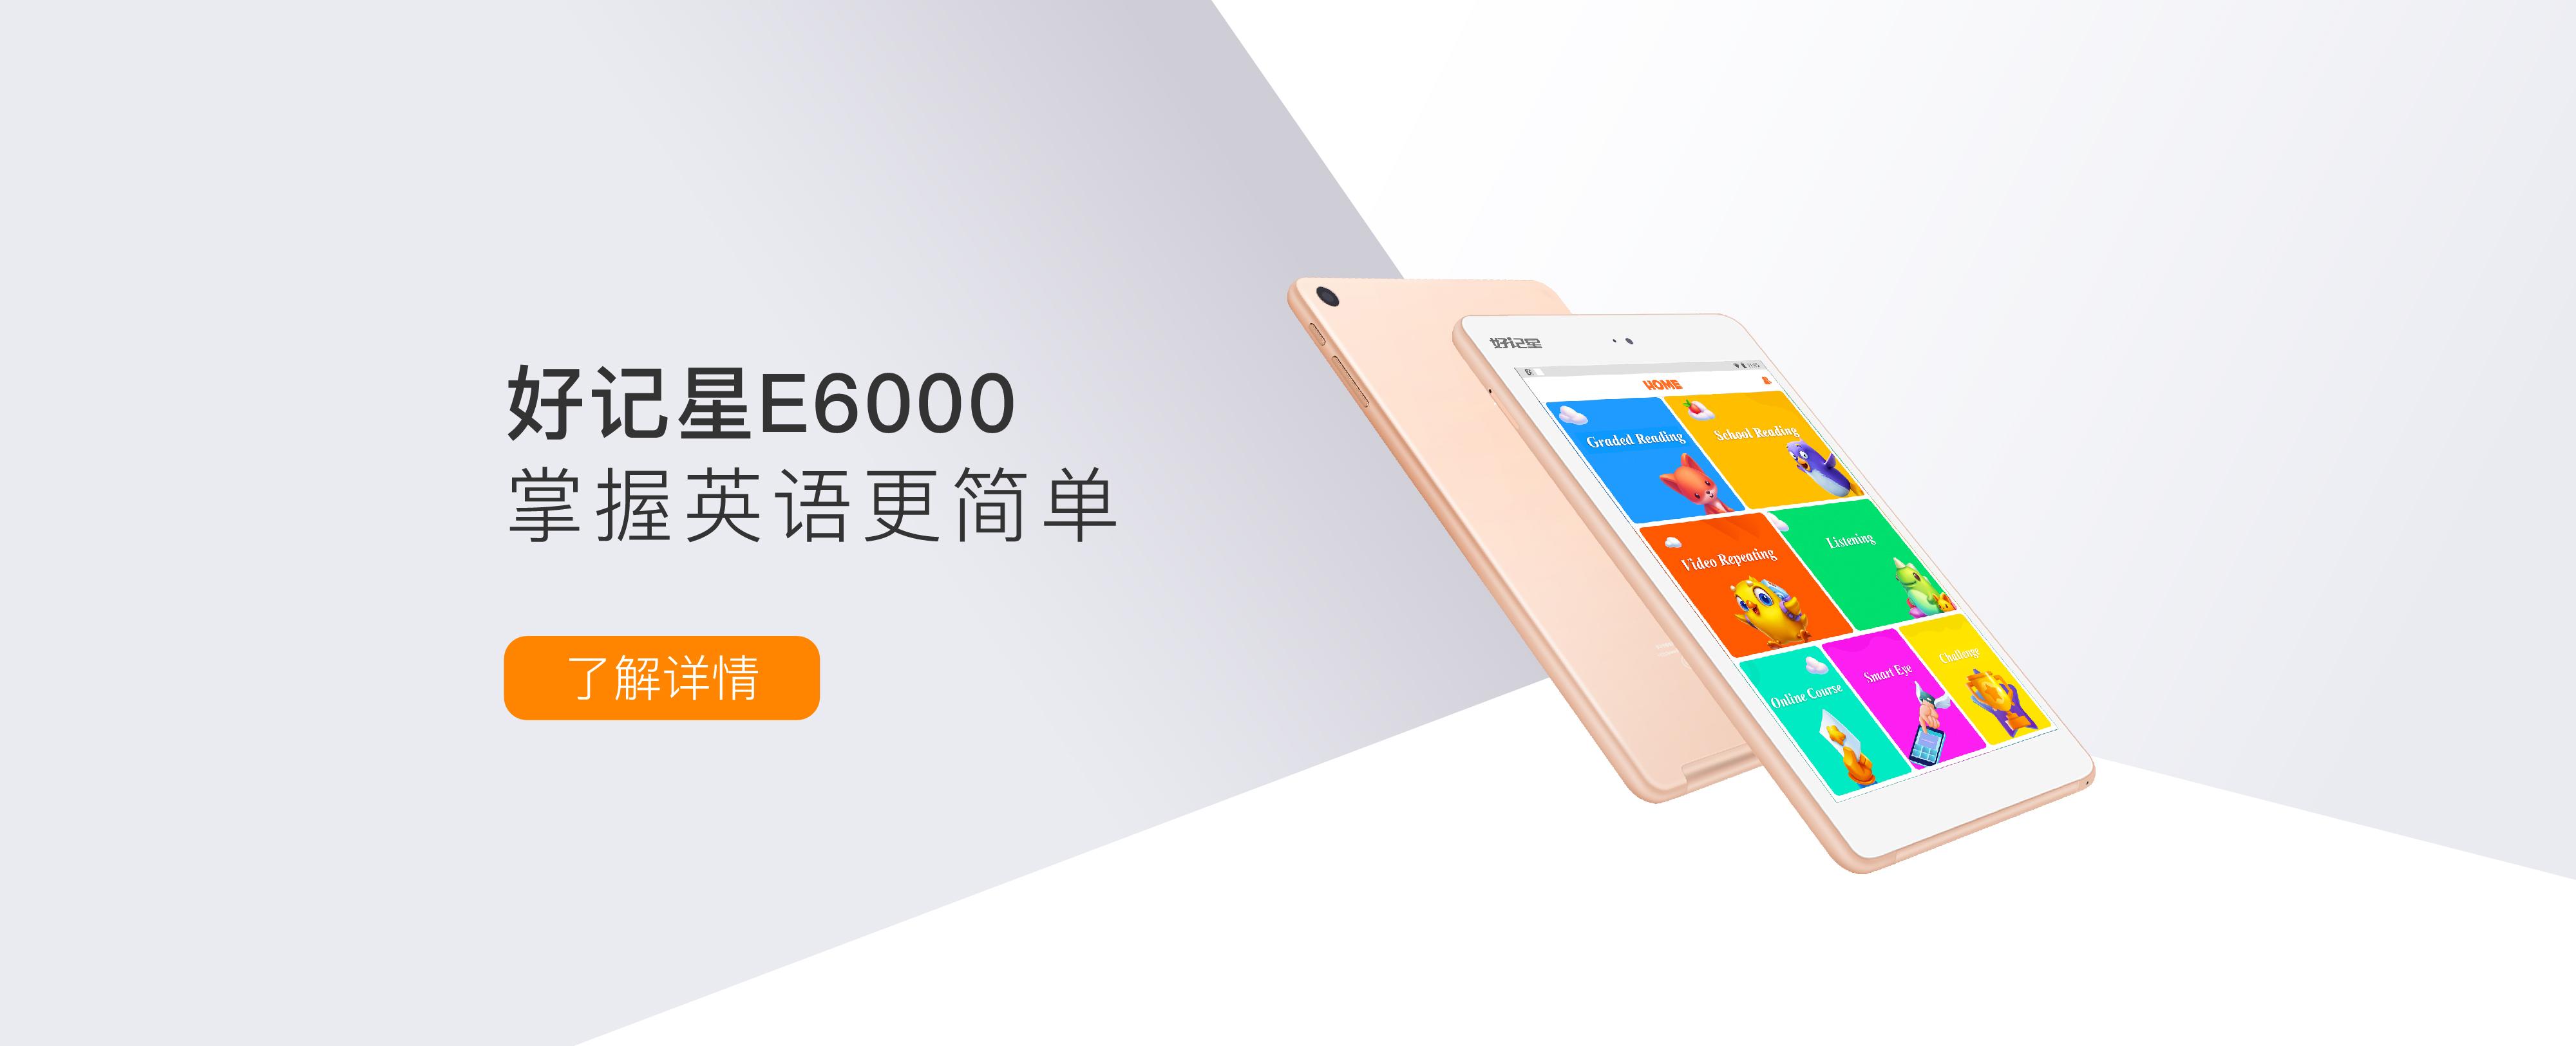 E6000产品